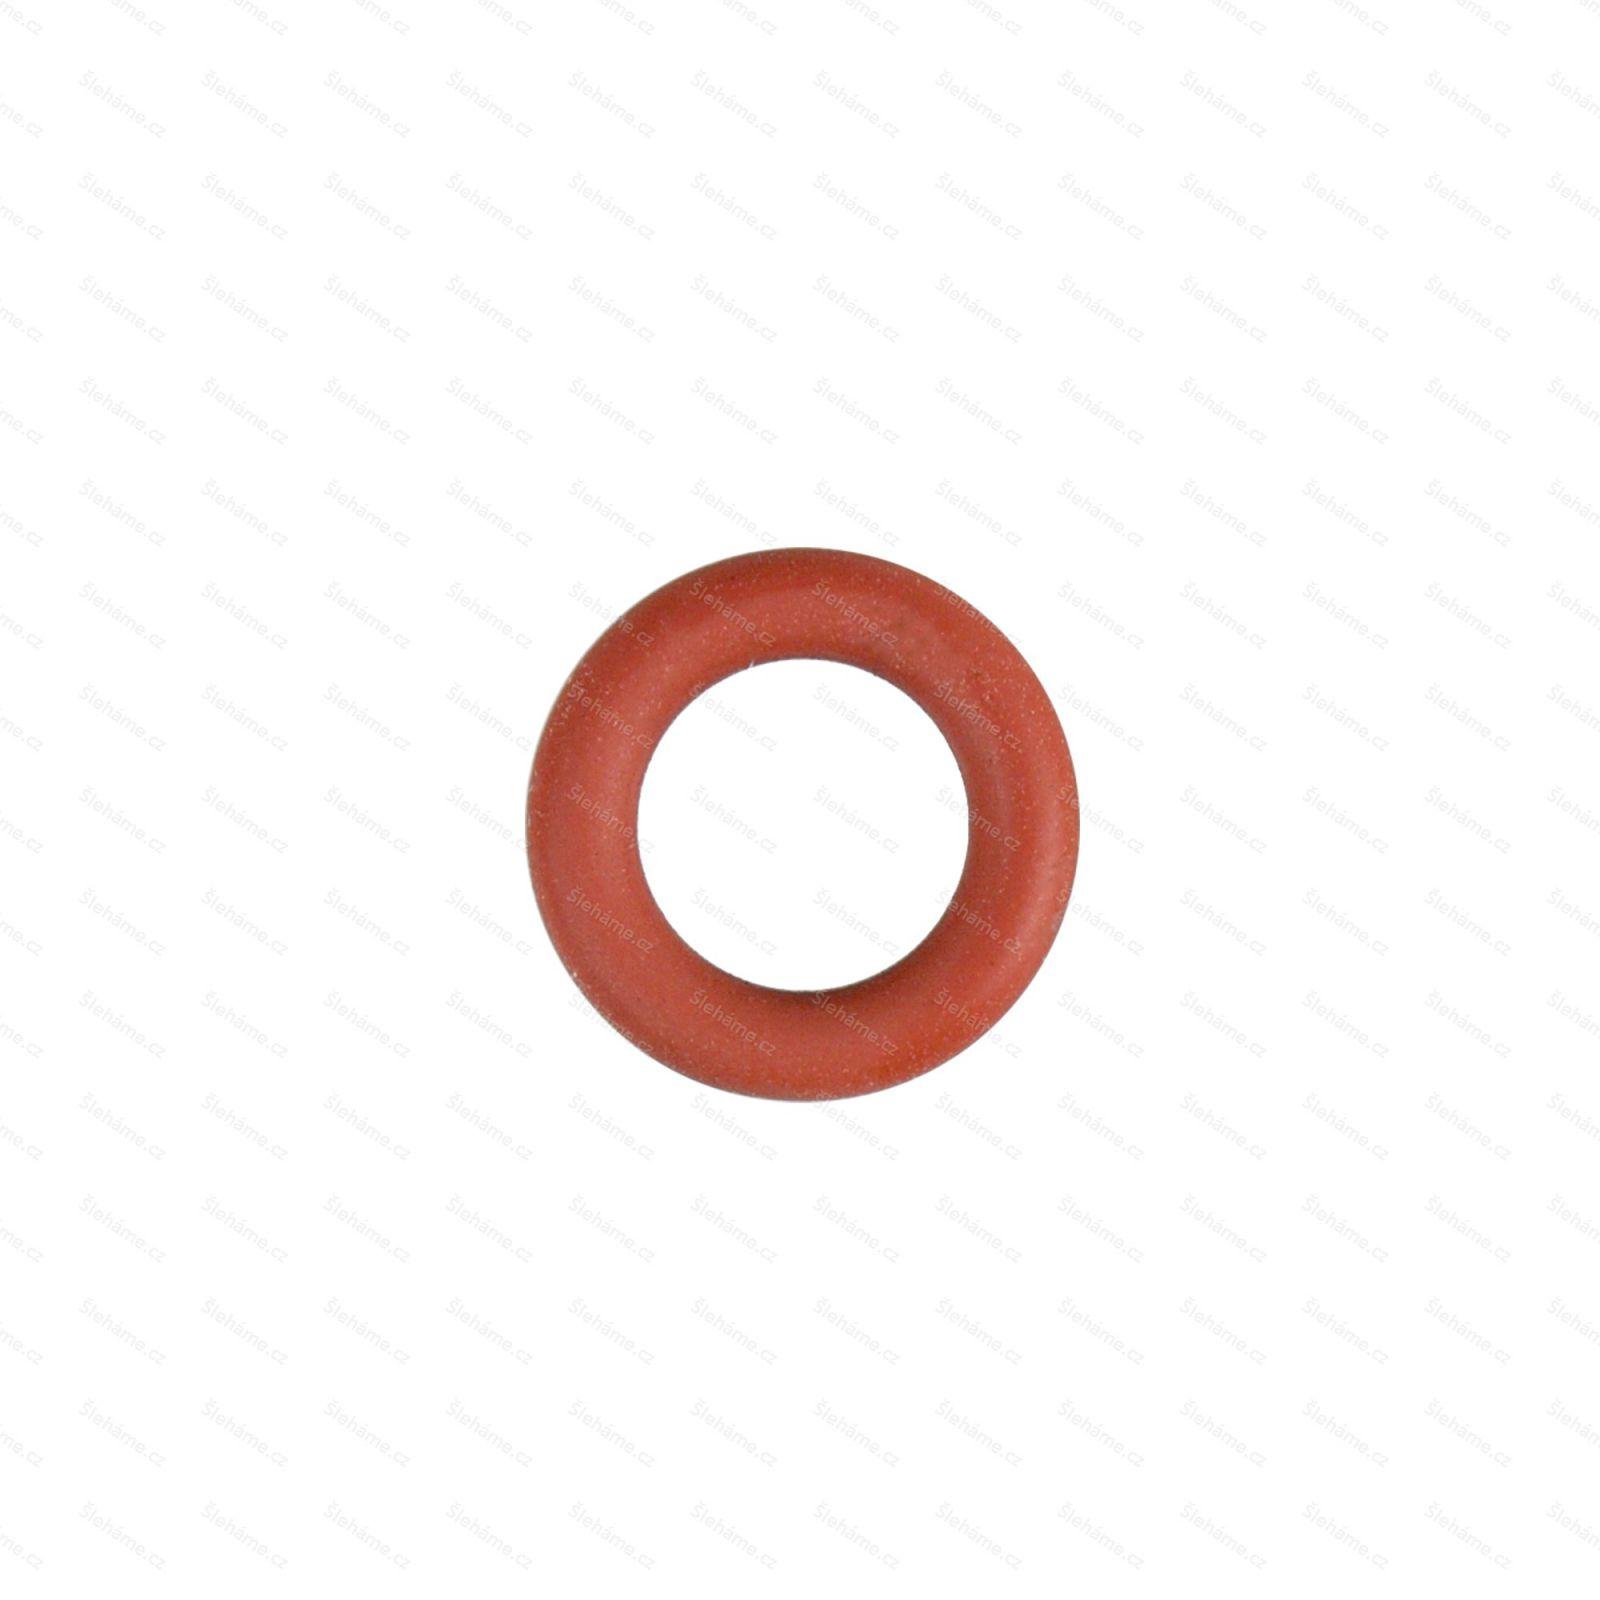 Těsnění dávkovacího ventilu pro šlehače iSi GOURMET / THERMO WHIP